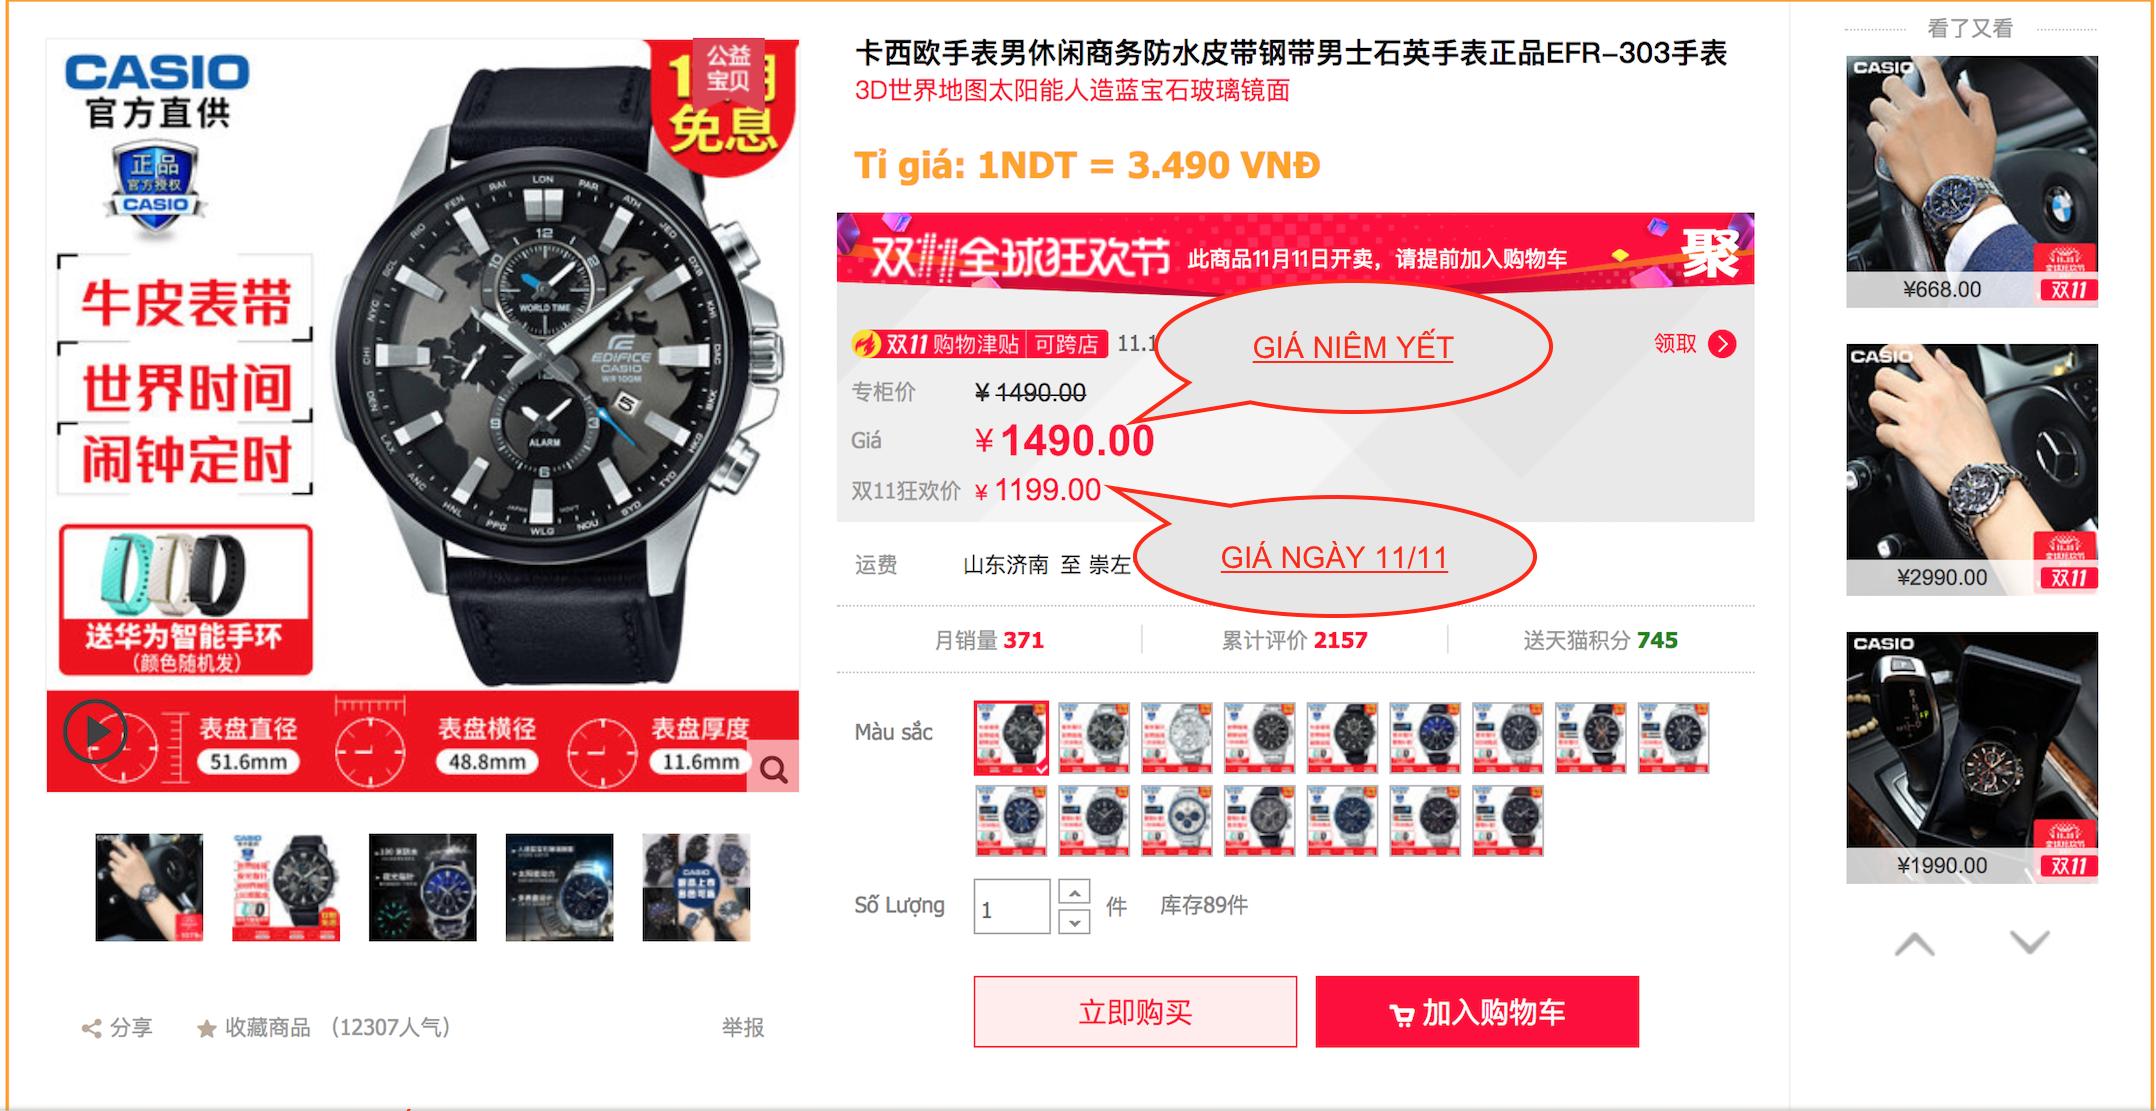 11.11 ngày hội mua hàng hiệu online giảm giá khủng tại TQ